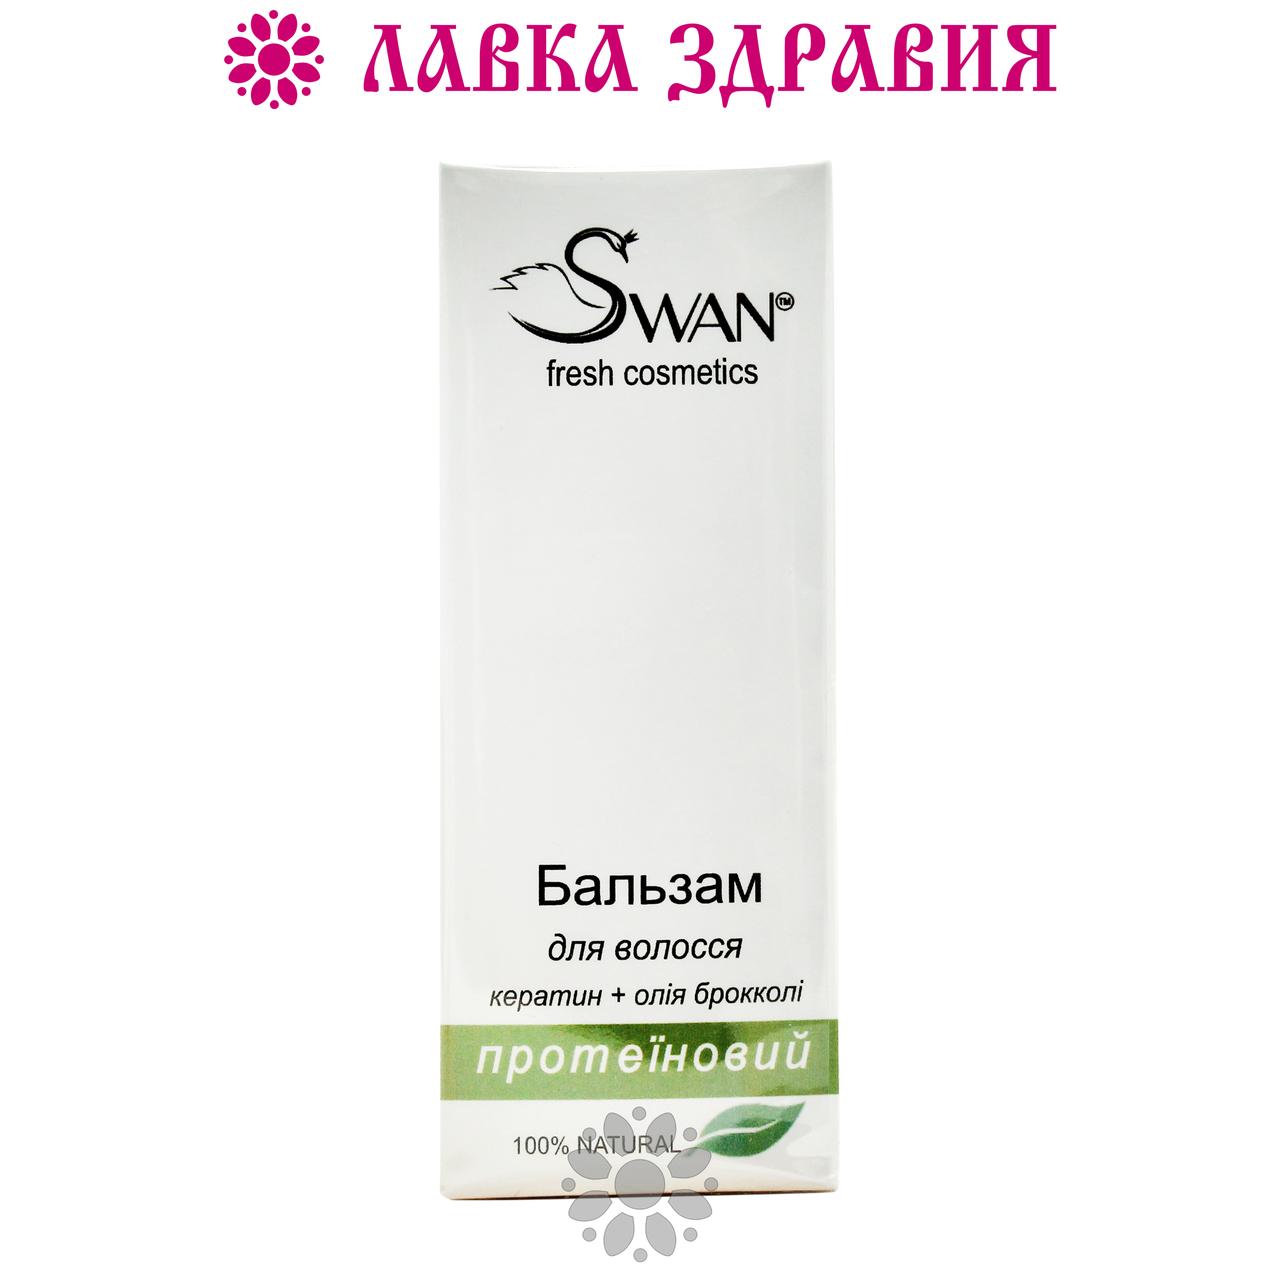 Бальзам для волос Протеиновый с кератином и маслом брокколи, 50 мл, Swan